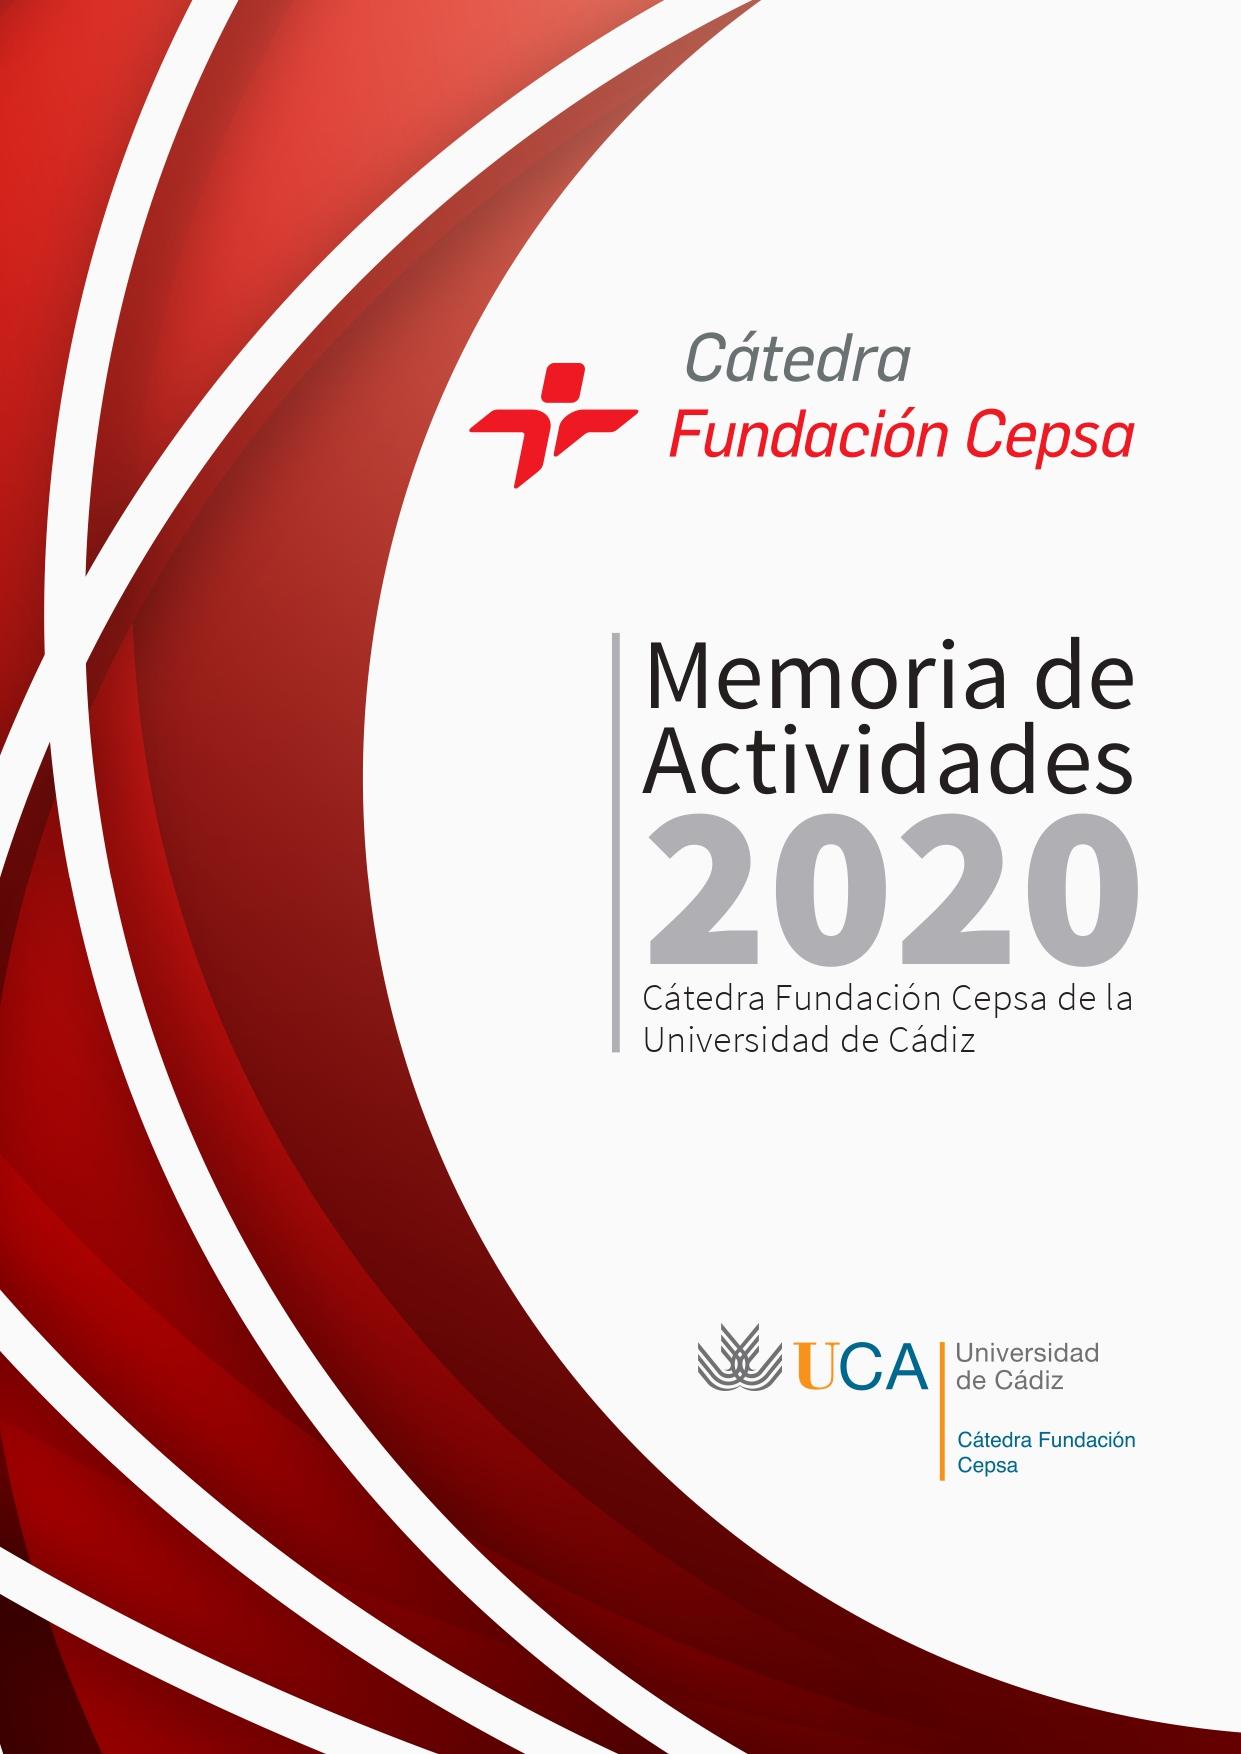 Memoria Fundación Cátedra Cepsa 2020